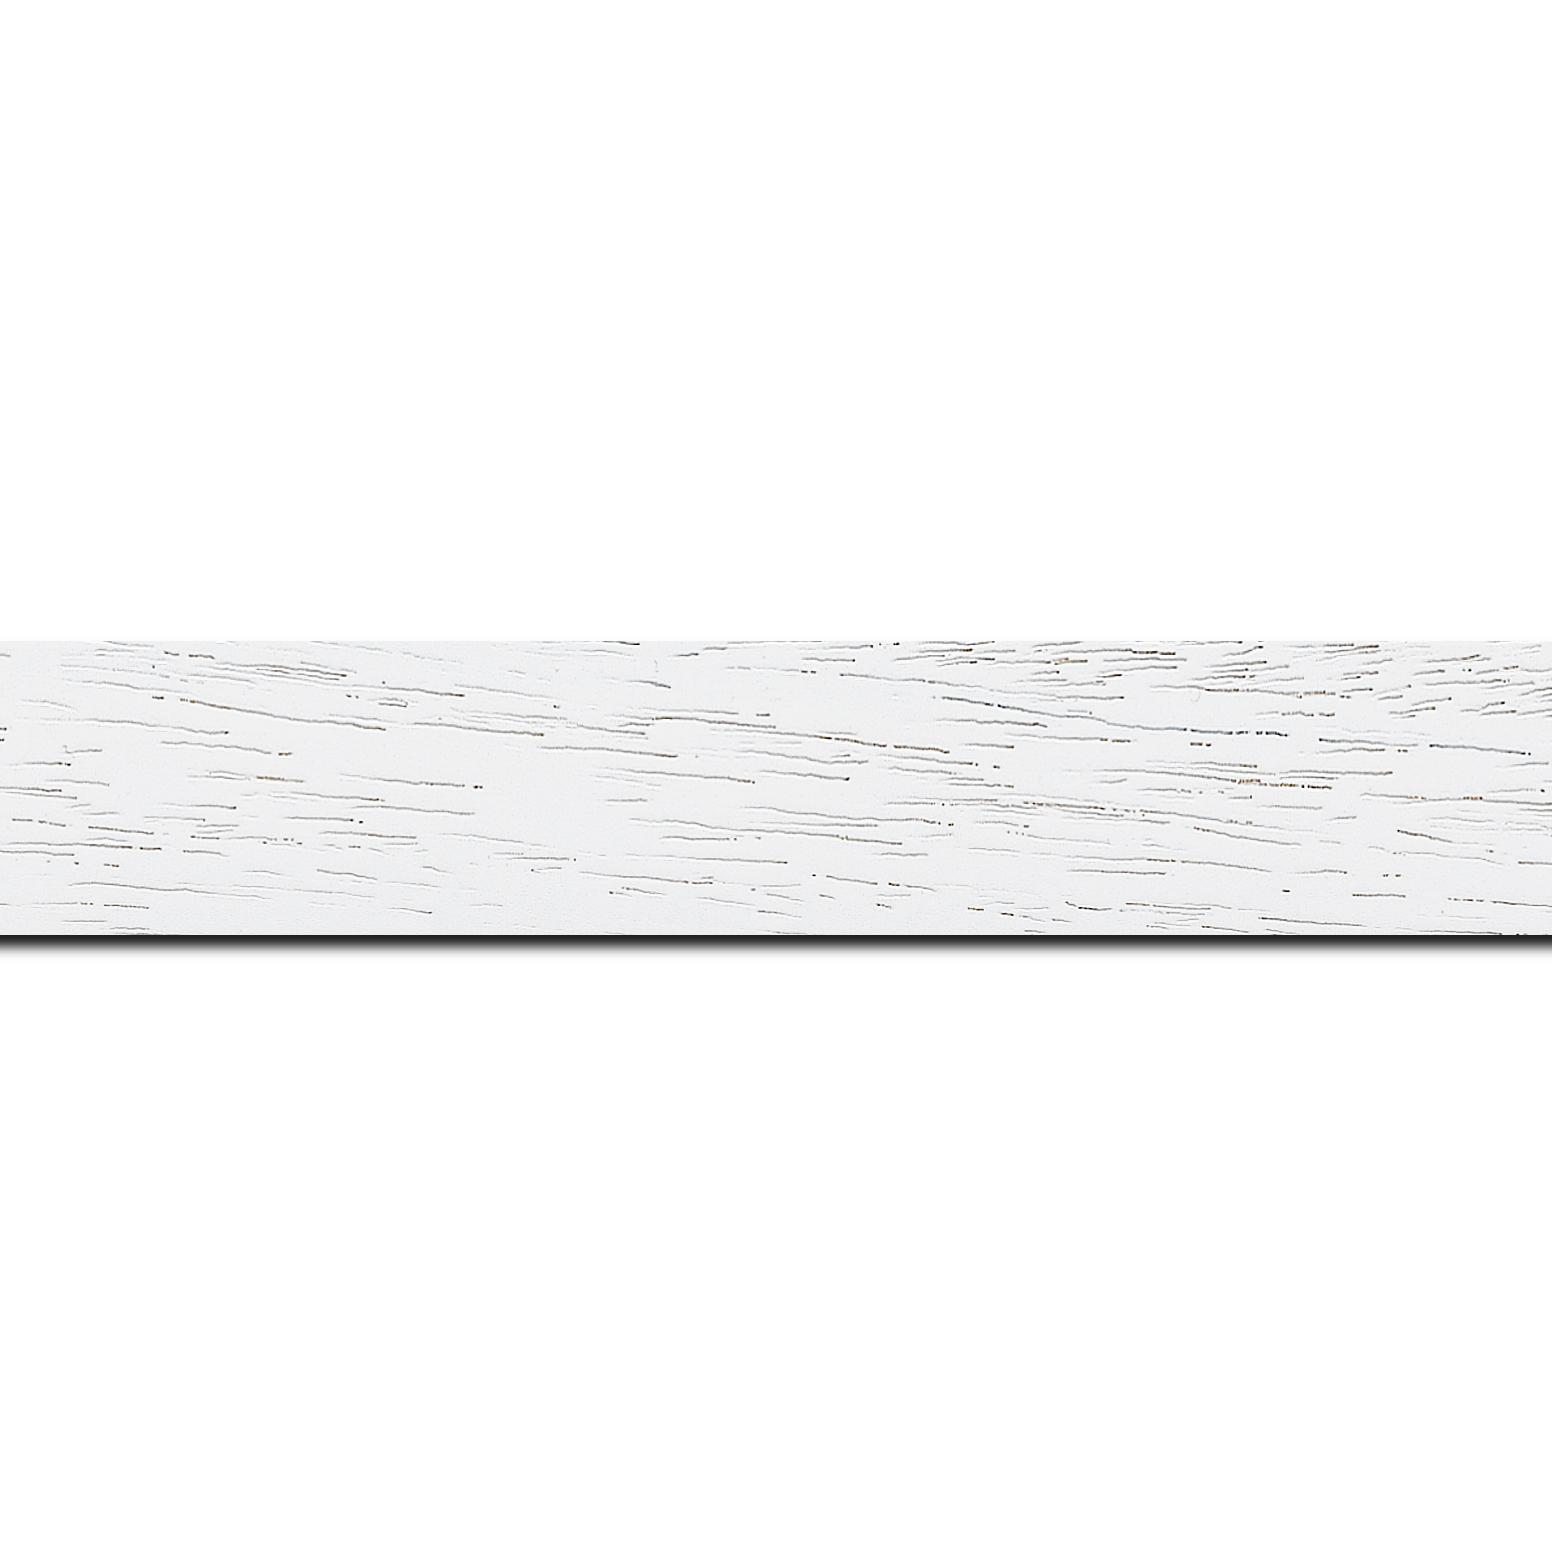 Pack par 12m, bois profil plat largeur 3cm couleur blanc satiné (longueur baguette pouvant varier entre 2.40m et 3m selon arrivage des bois)